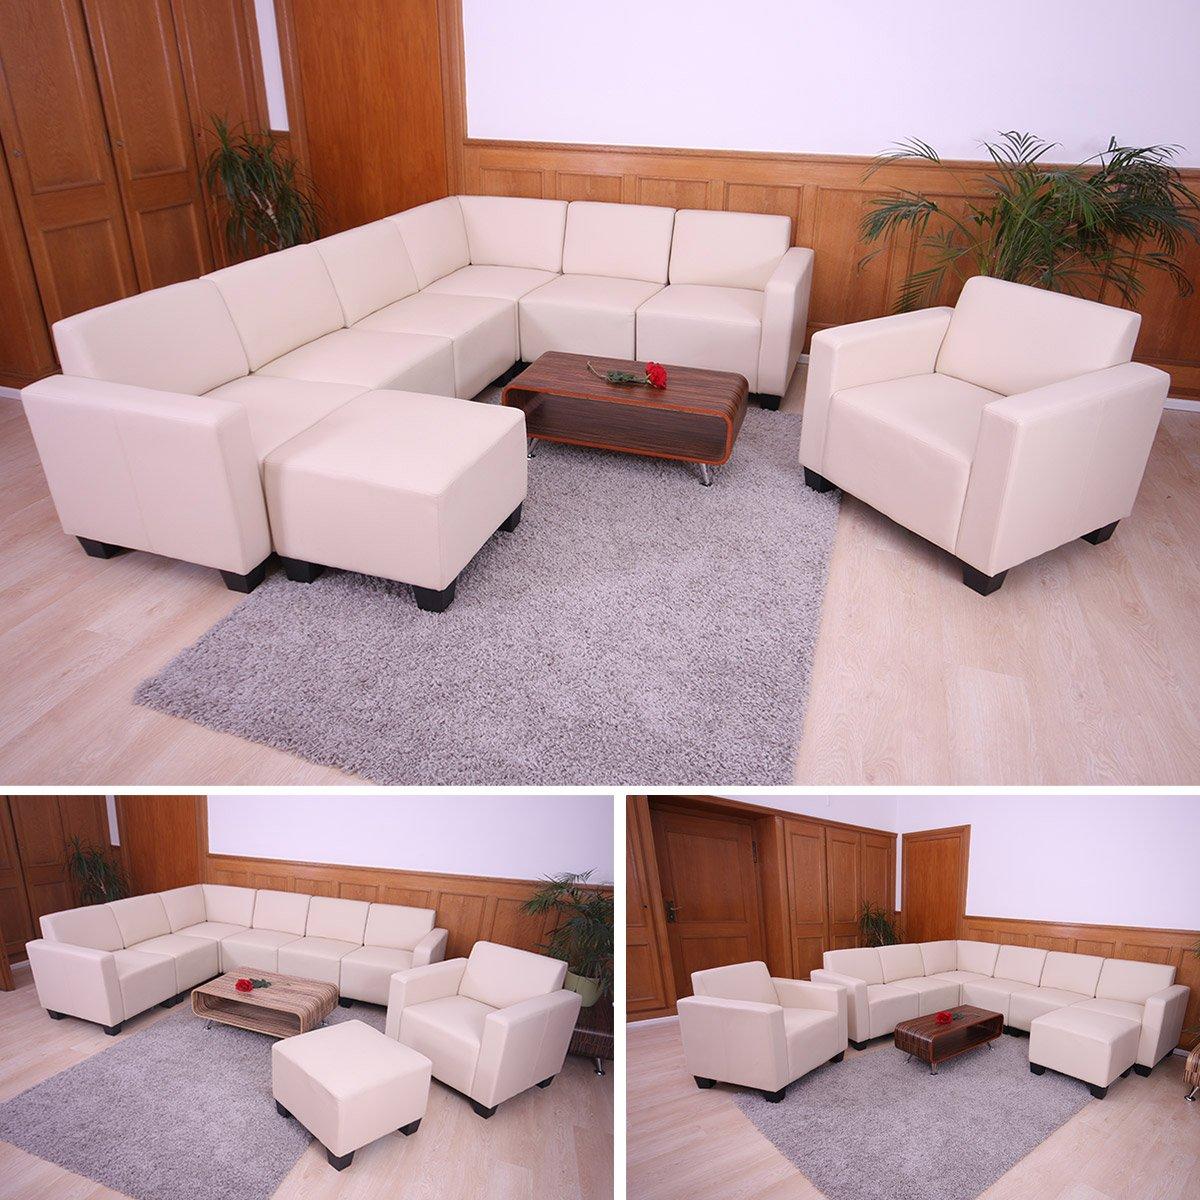 Como tapizar un sofa de piel amazing fundas para sofs de piel with como tapizar un sofa de piel - Tapizar un sofa de piel ...